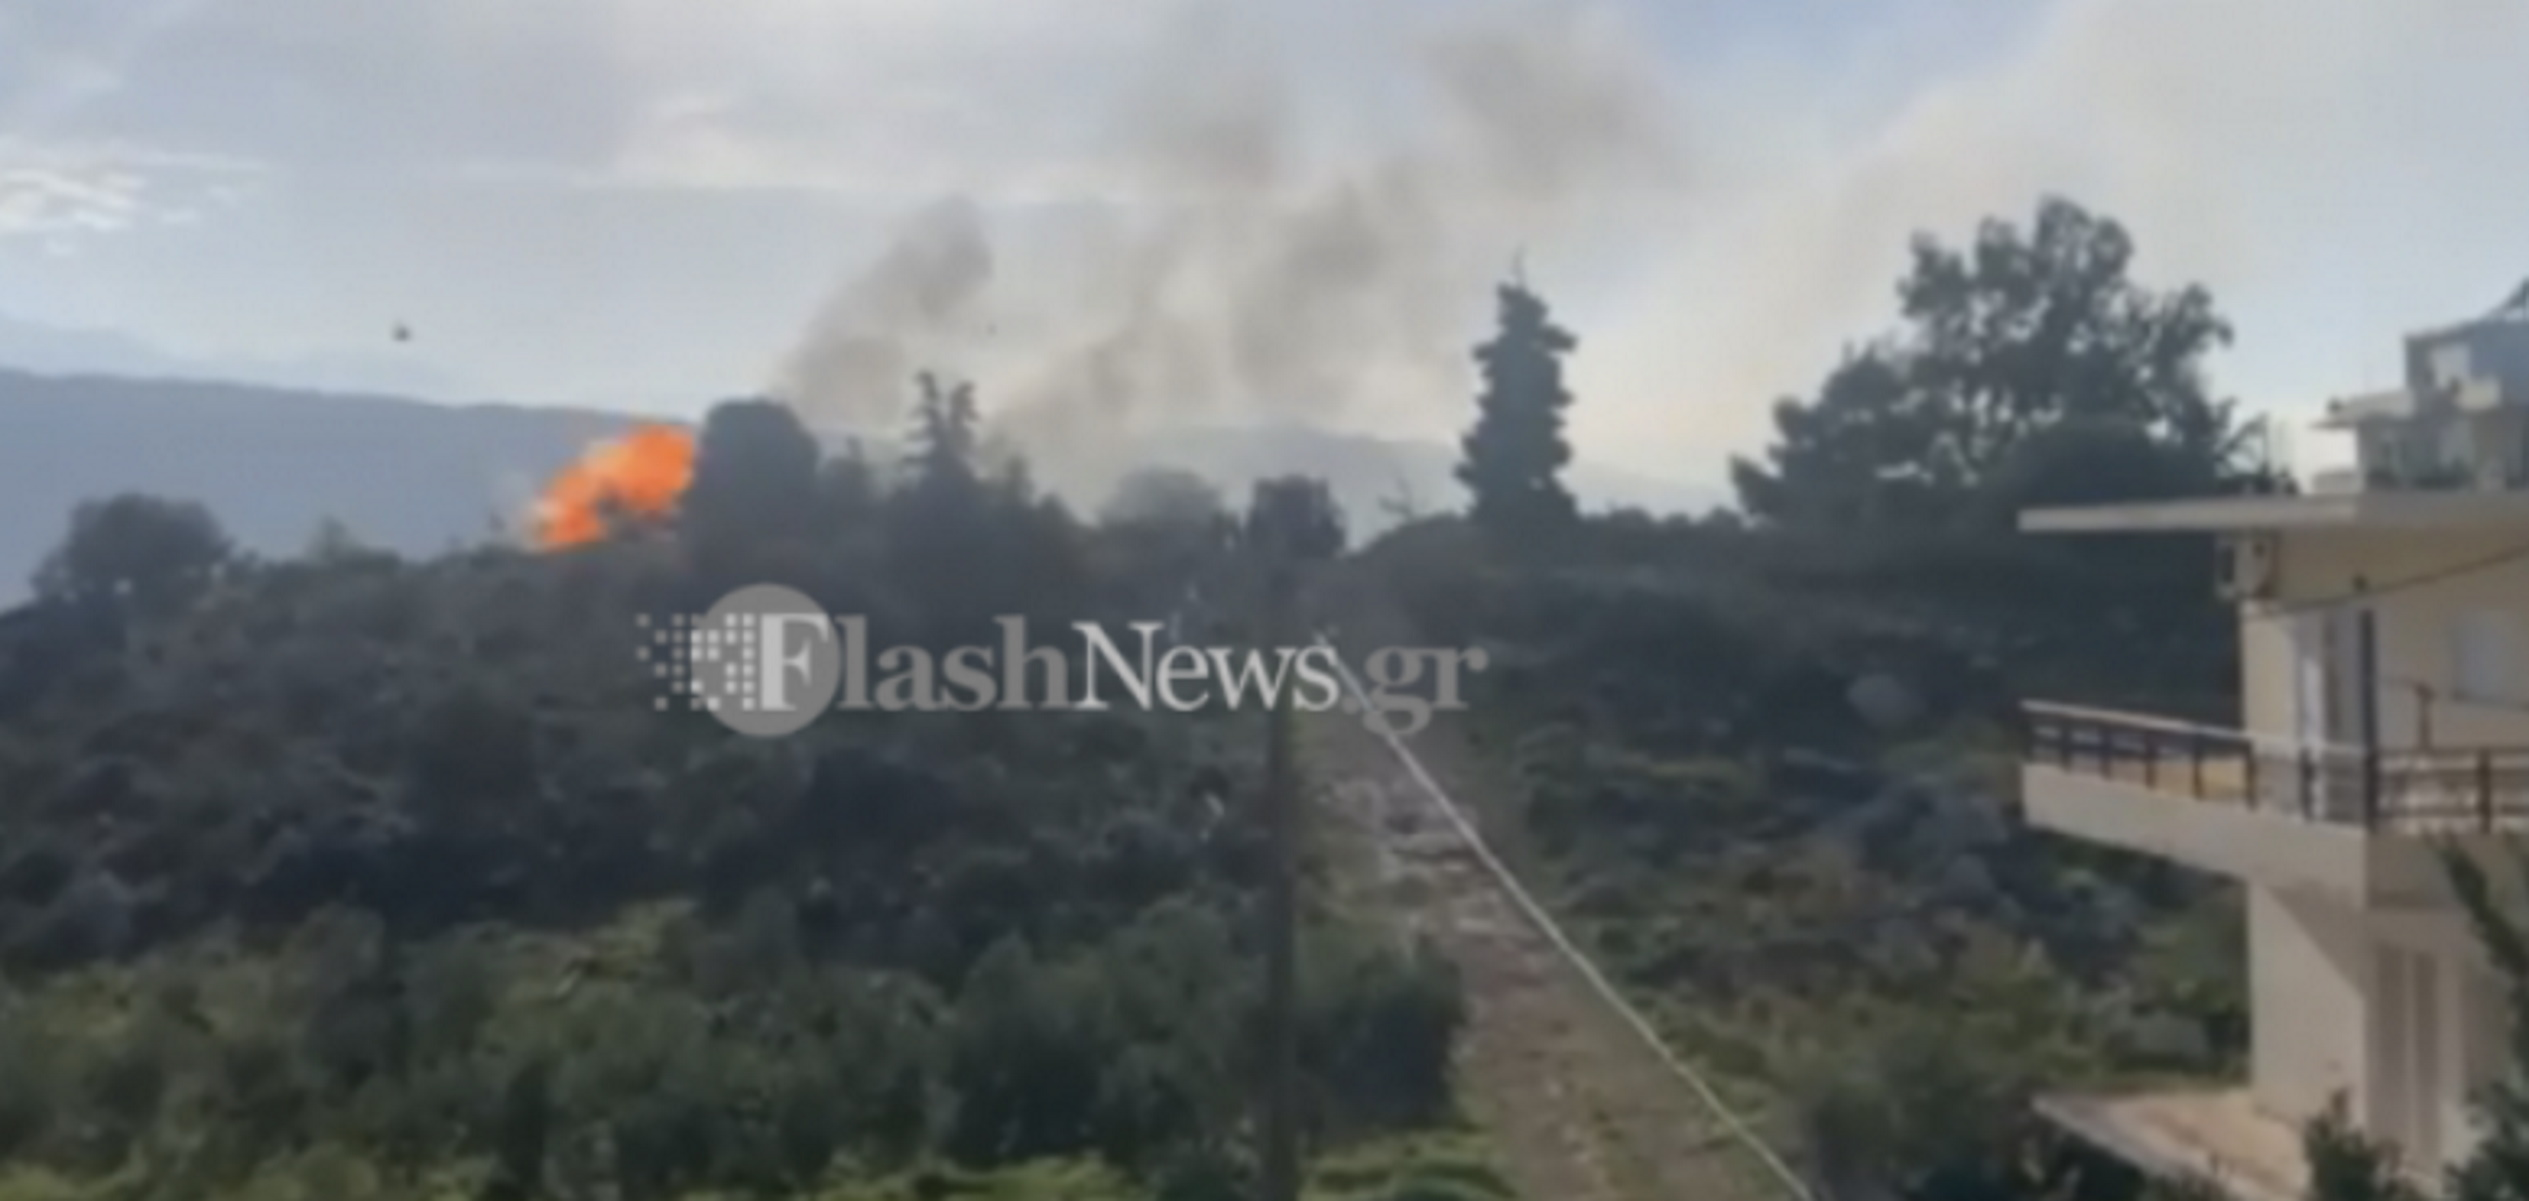 Χανιά: Η στιγμή που σκάει φιάλη υγραερίου σε φλεγόμενη αποθήκη – Κινδύνεψαν πυροσβέστες (pics, video)